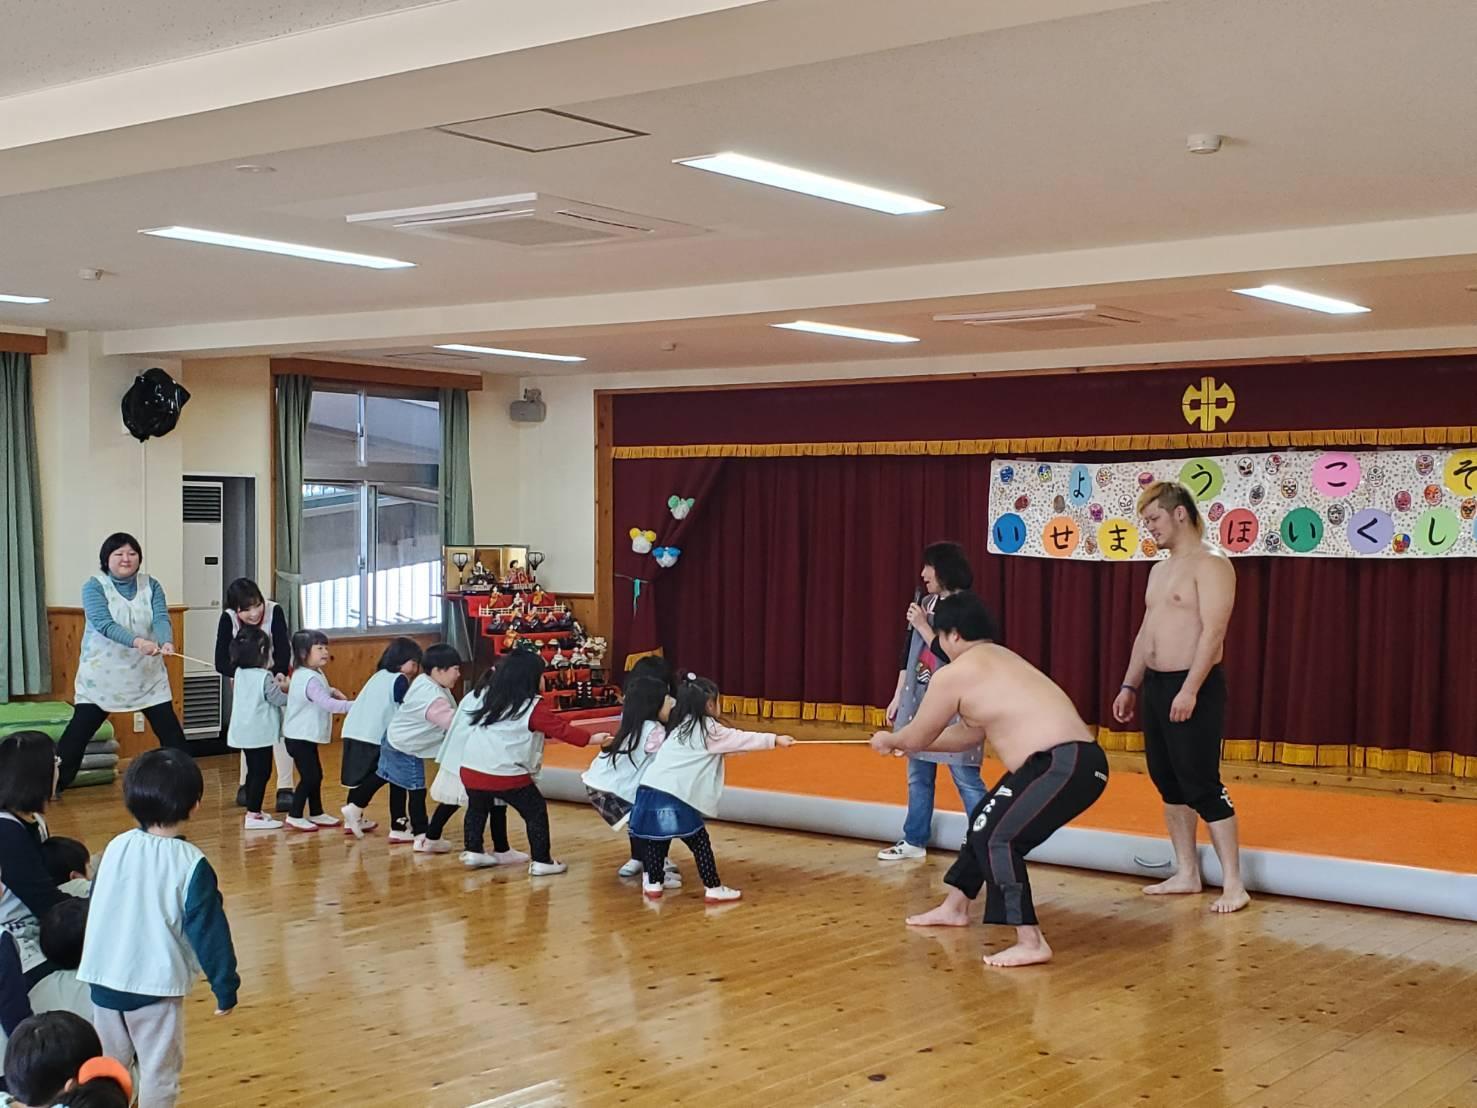 【報告】大日本プロレスが中之条保育所と中之条伊勢町保育所を訪問いたしました